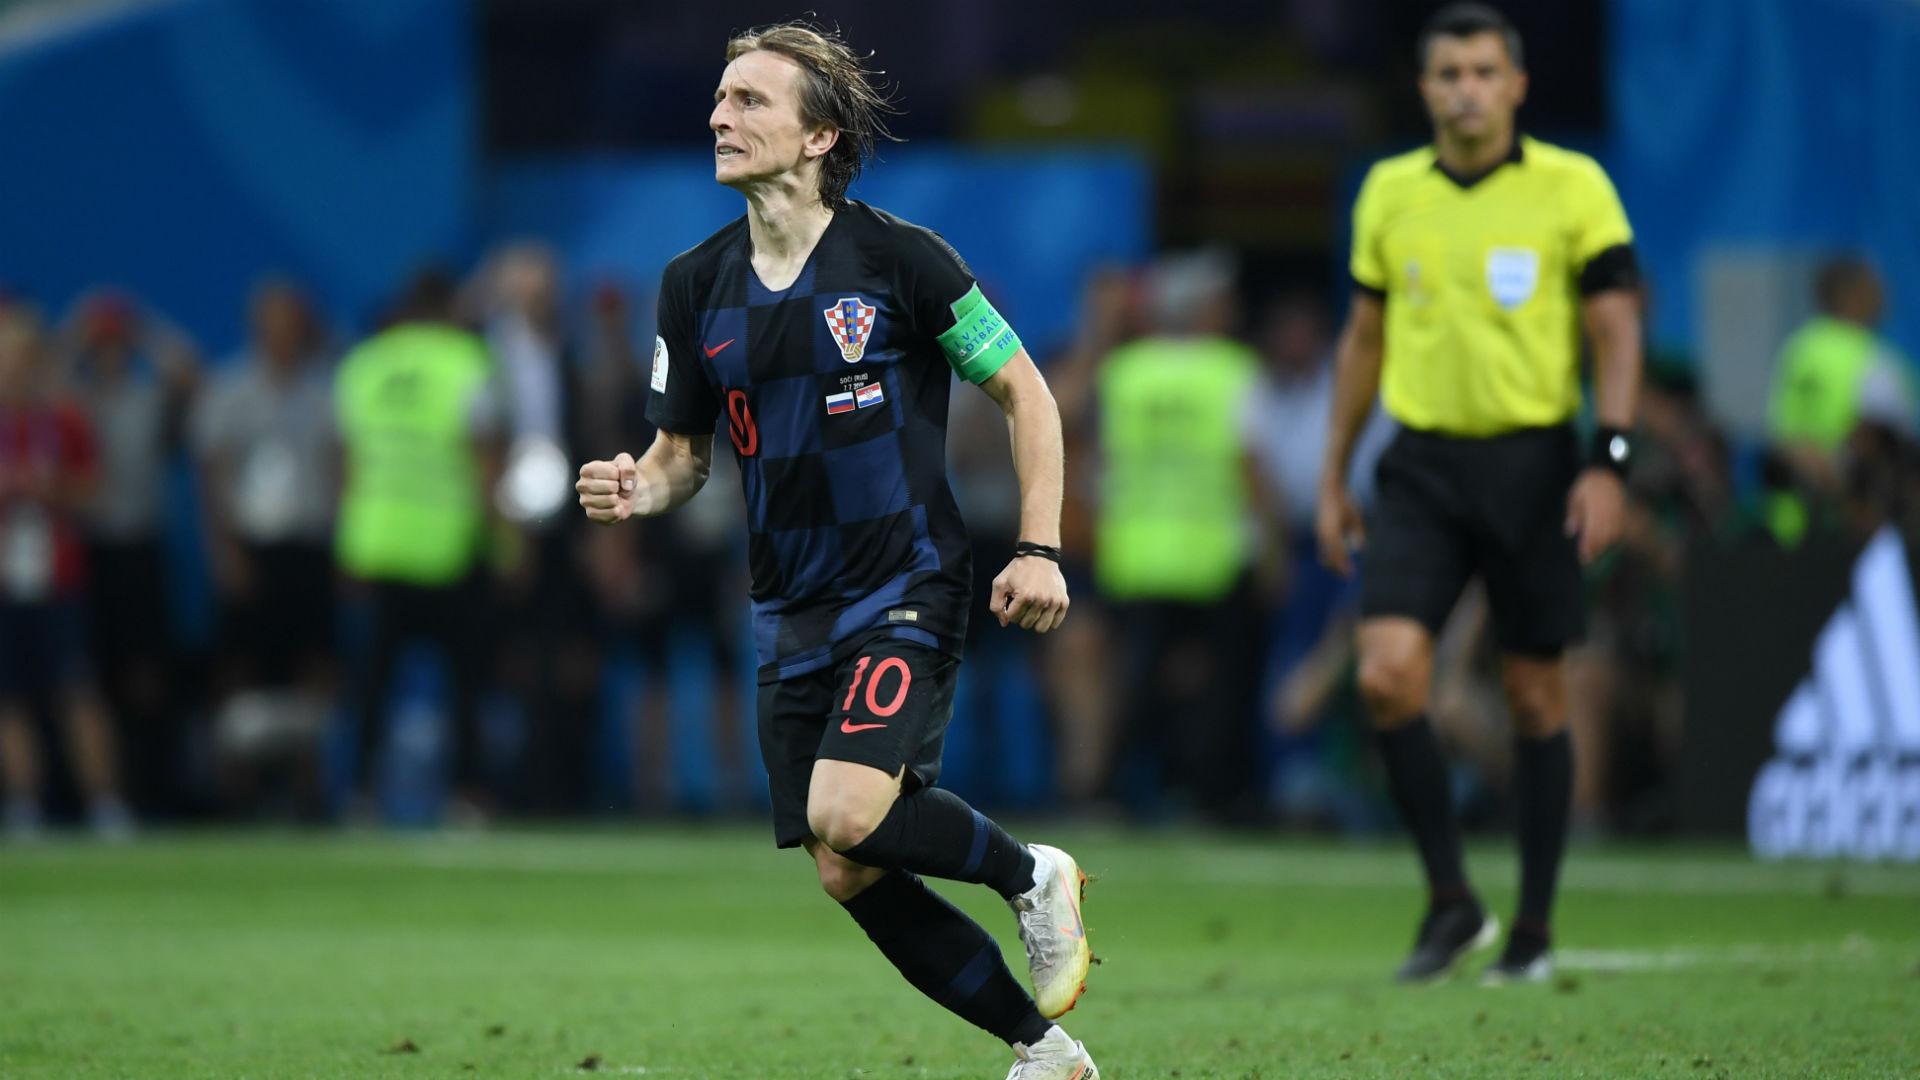 Mondiali, i calciatori russi sniffavano ammoniaca. E il medico della Nazionale ha ammesso - Sport, Calcio